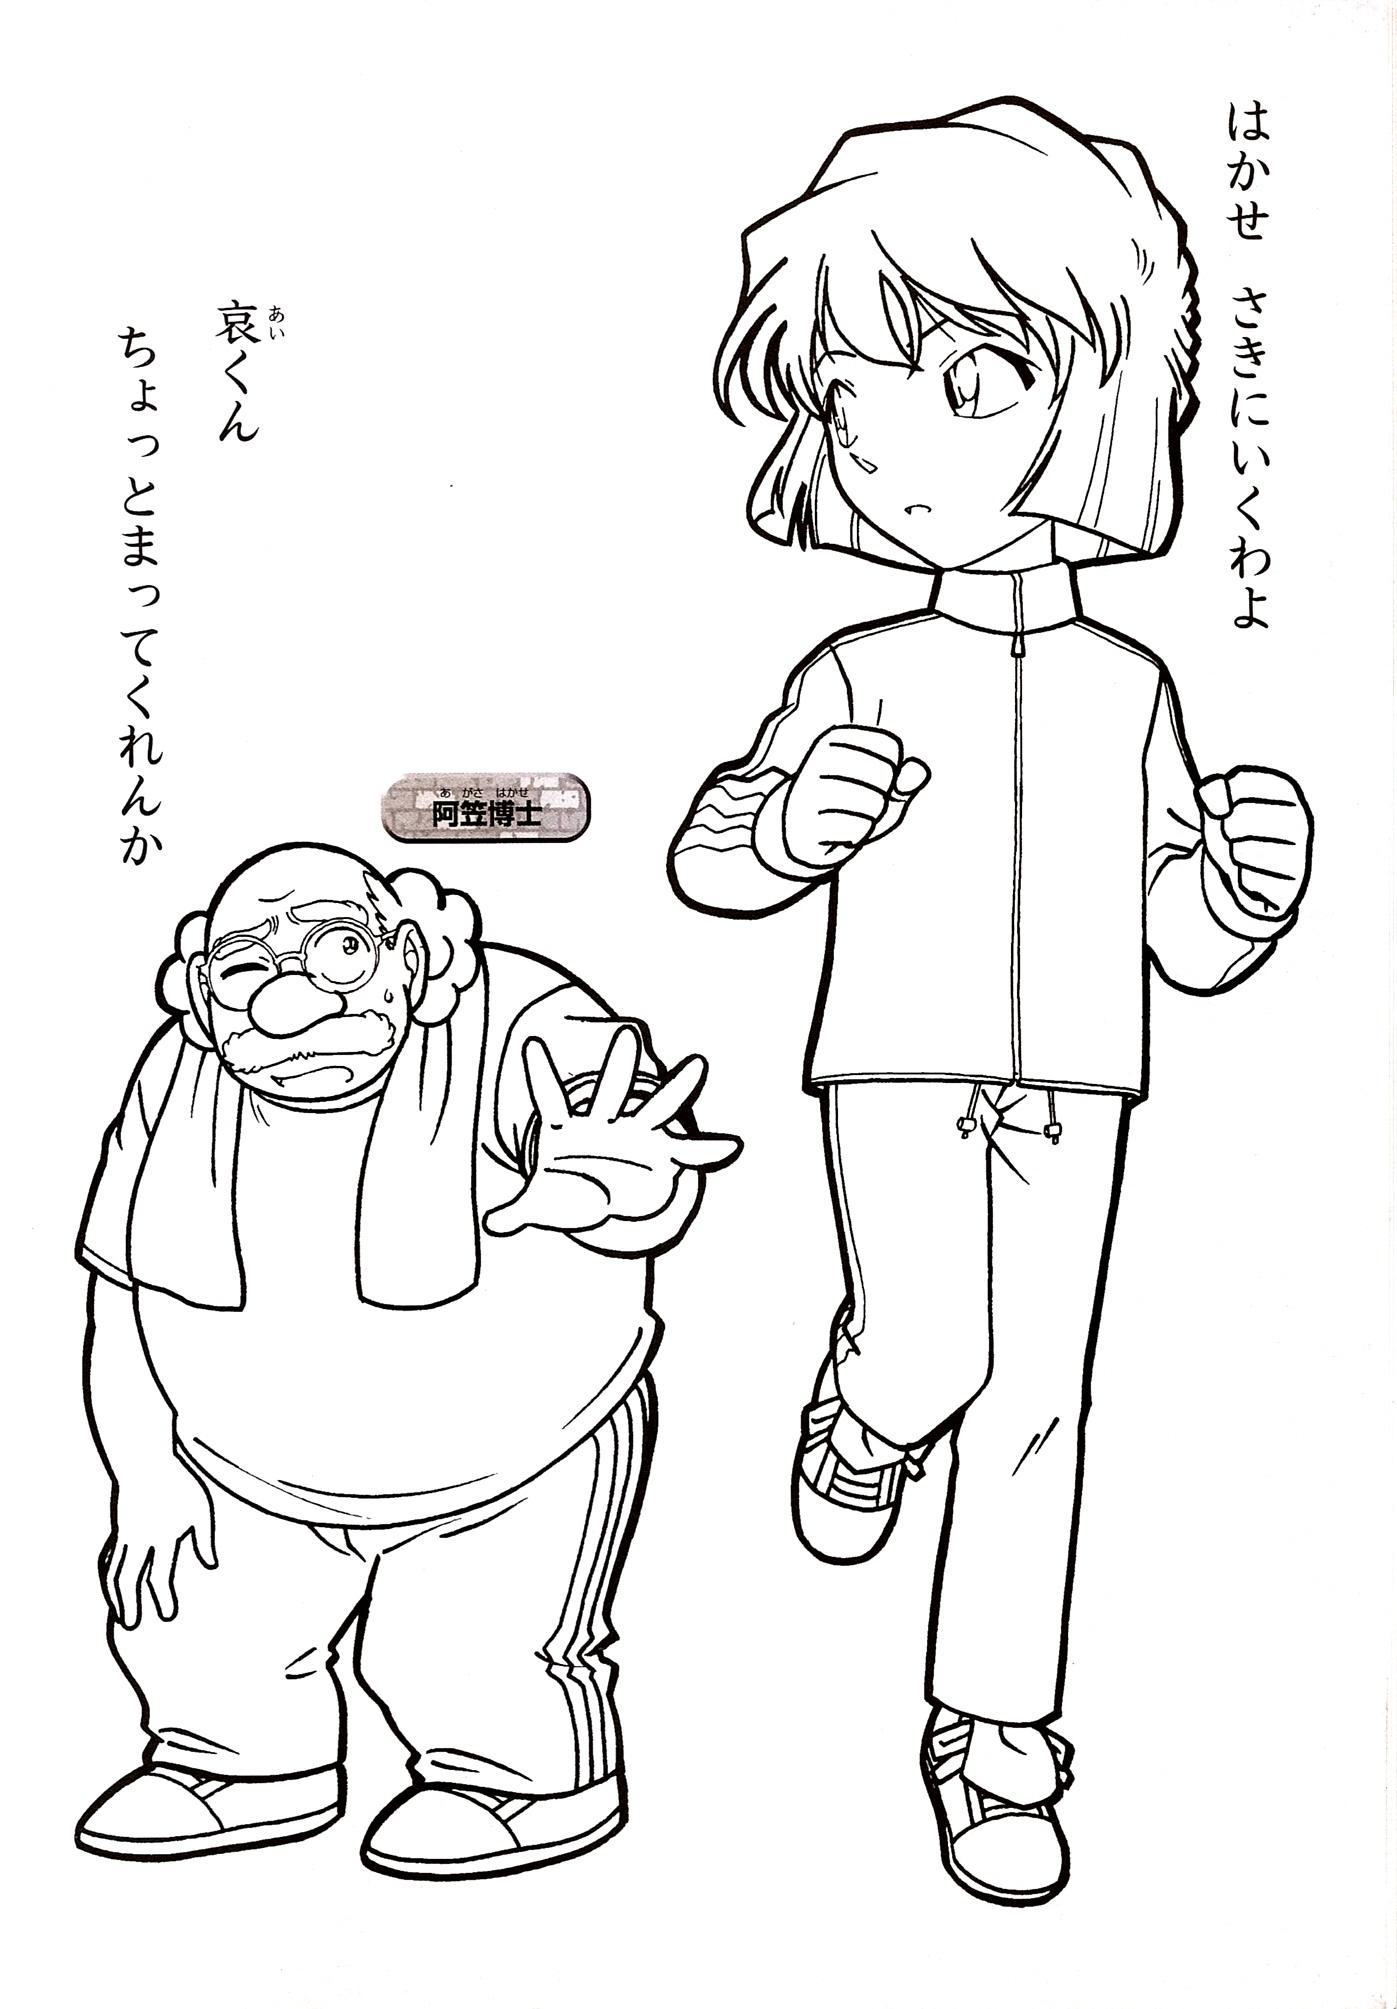 Conan coloring #2, Download drawings